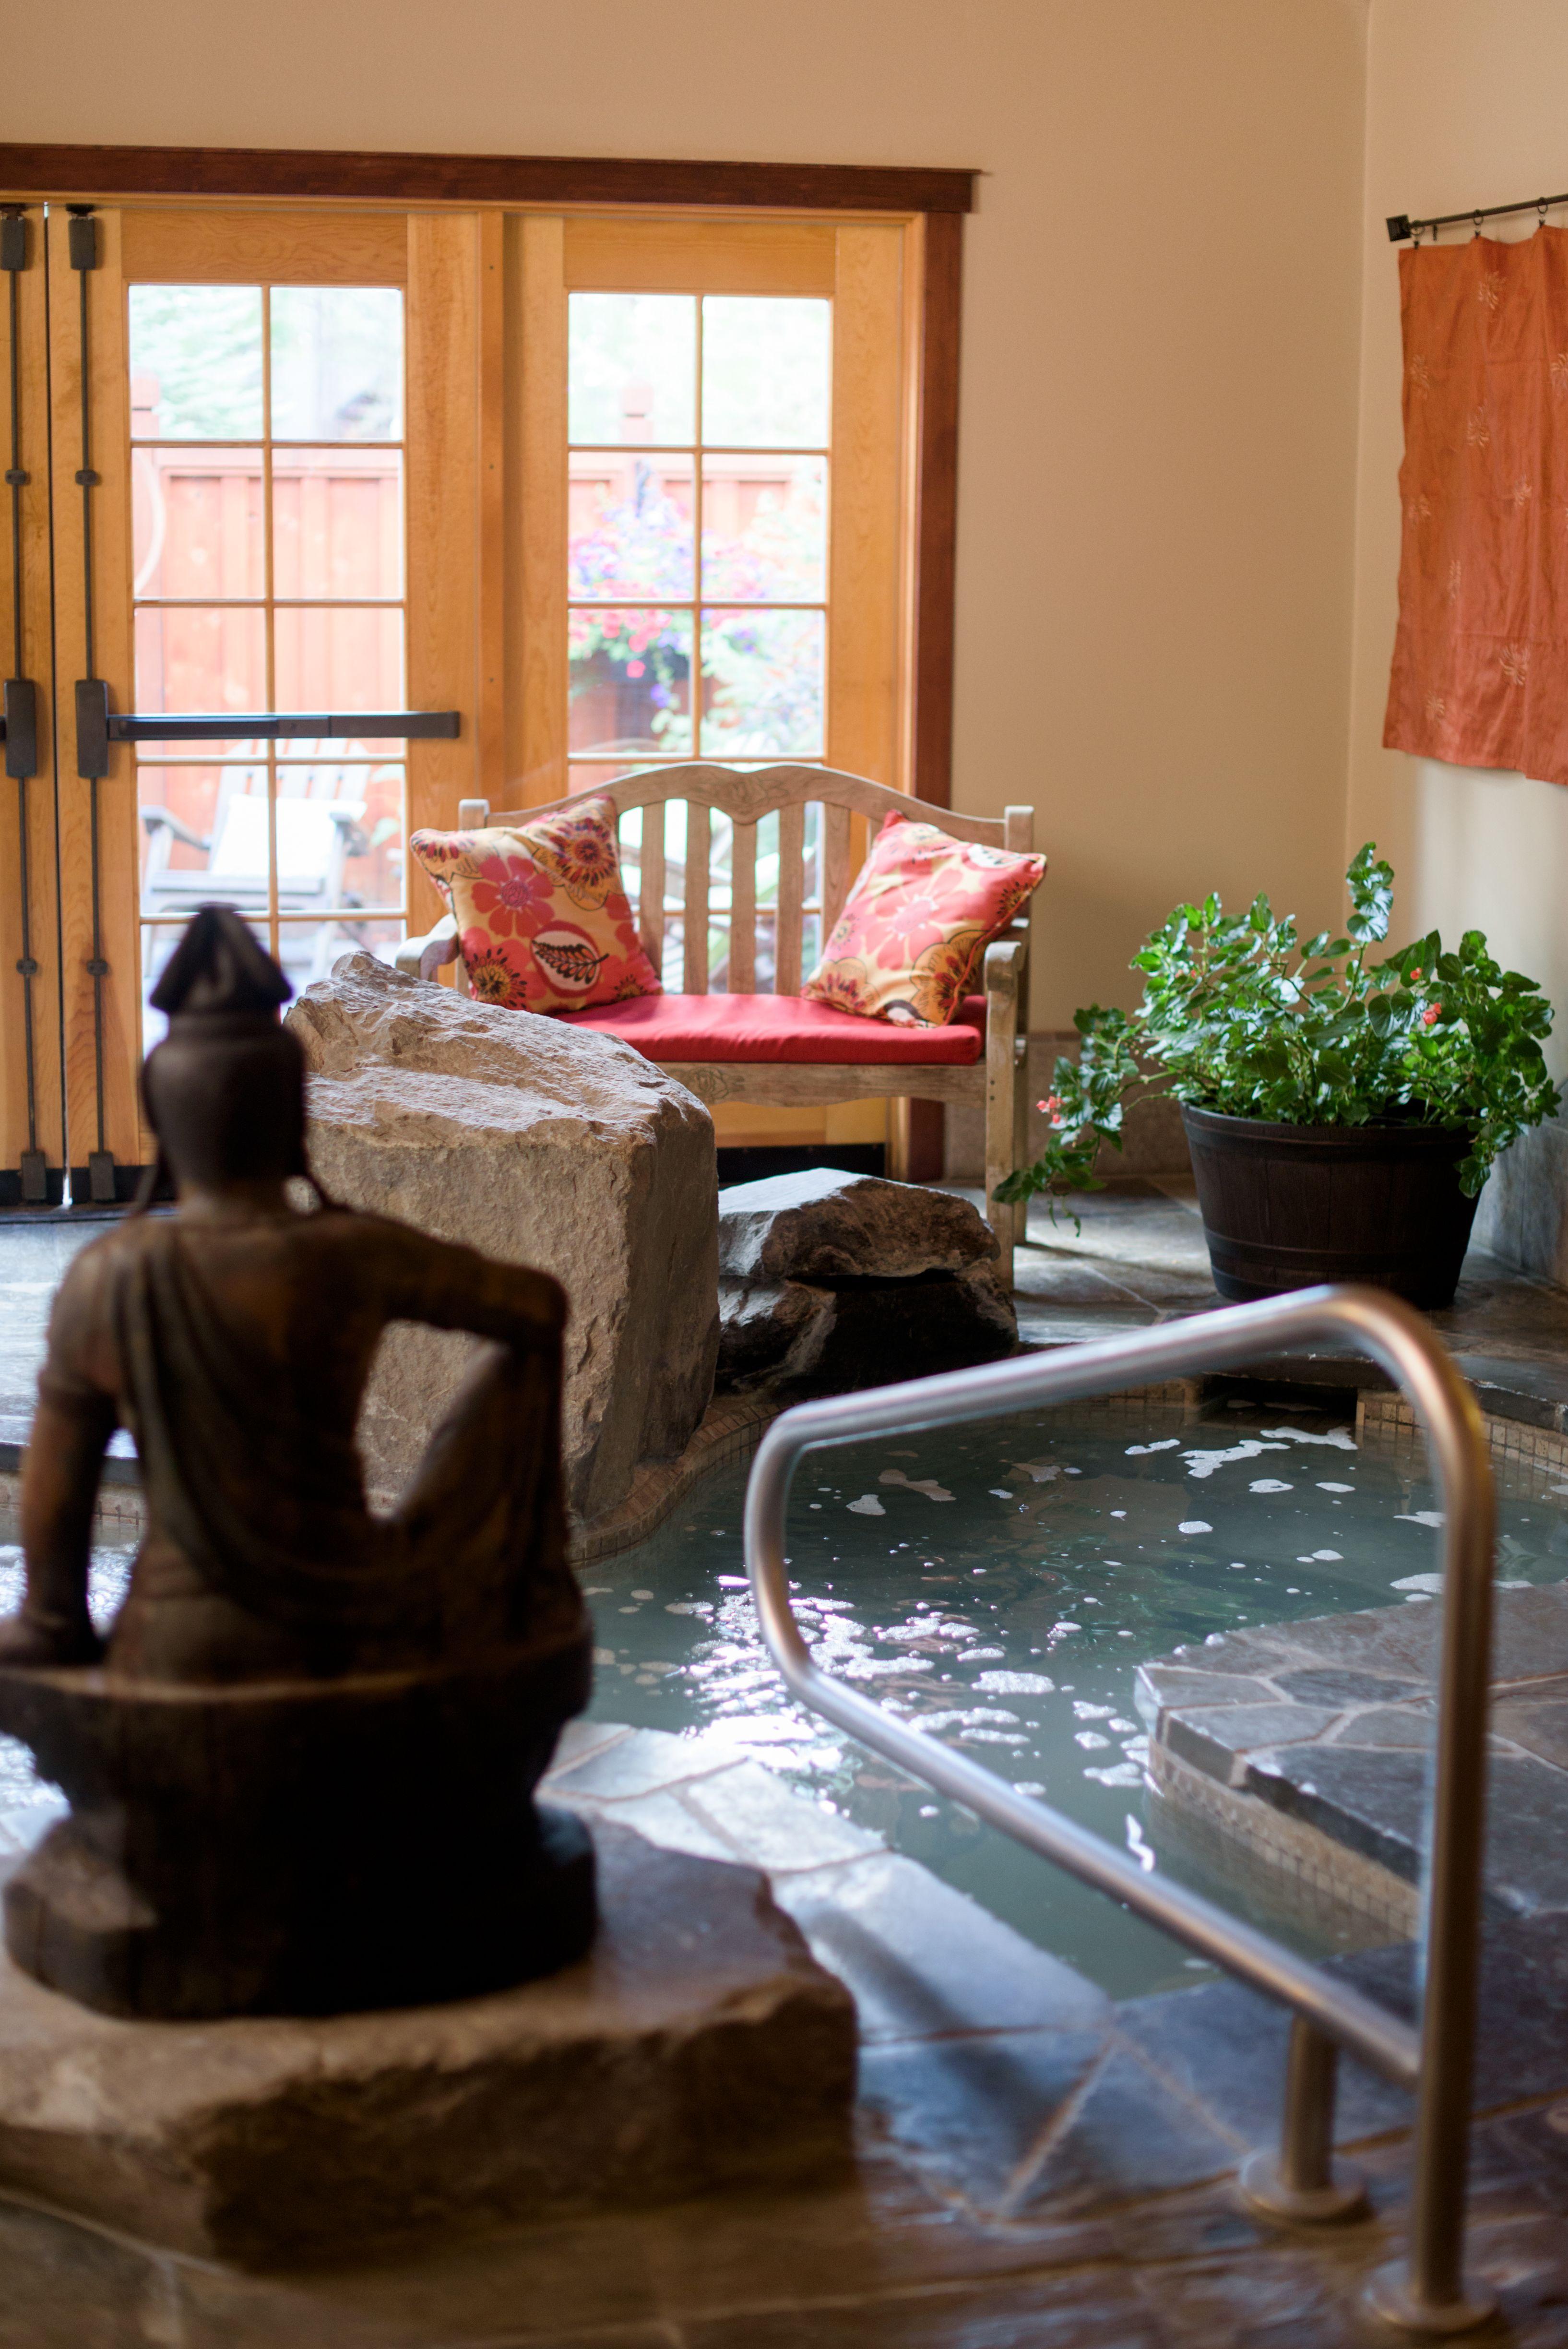 Thermal soaking tub at Shibui Spa in Sisters, Oregon | Shibui Spa ...